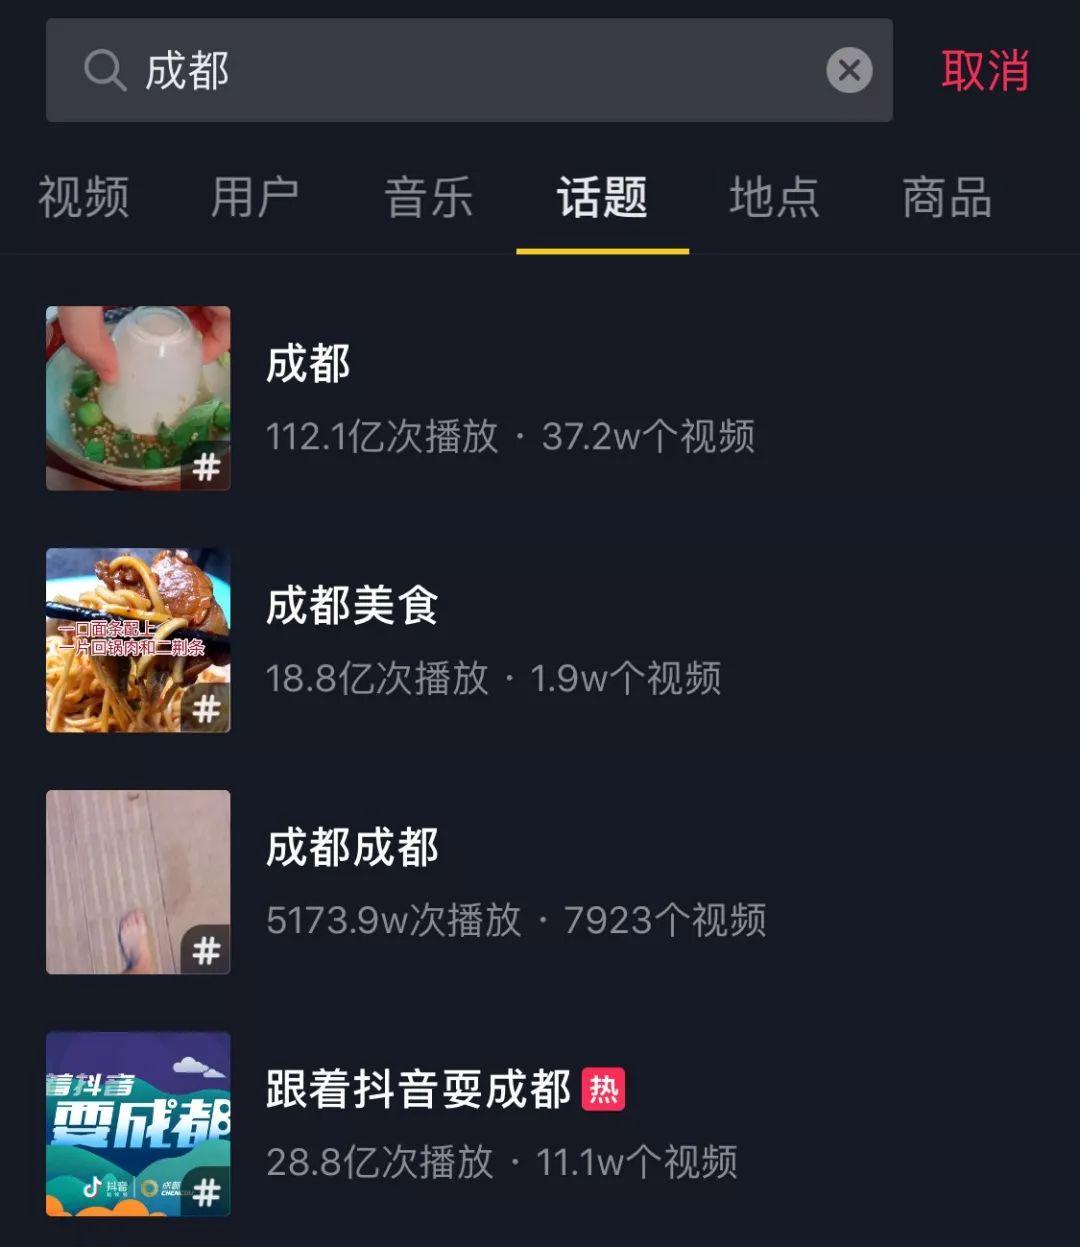 抖音刘能赵四手机壁纸